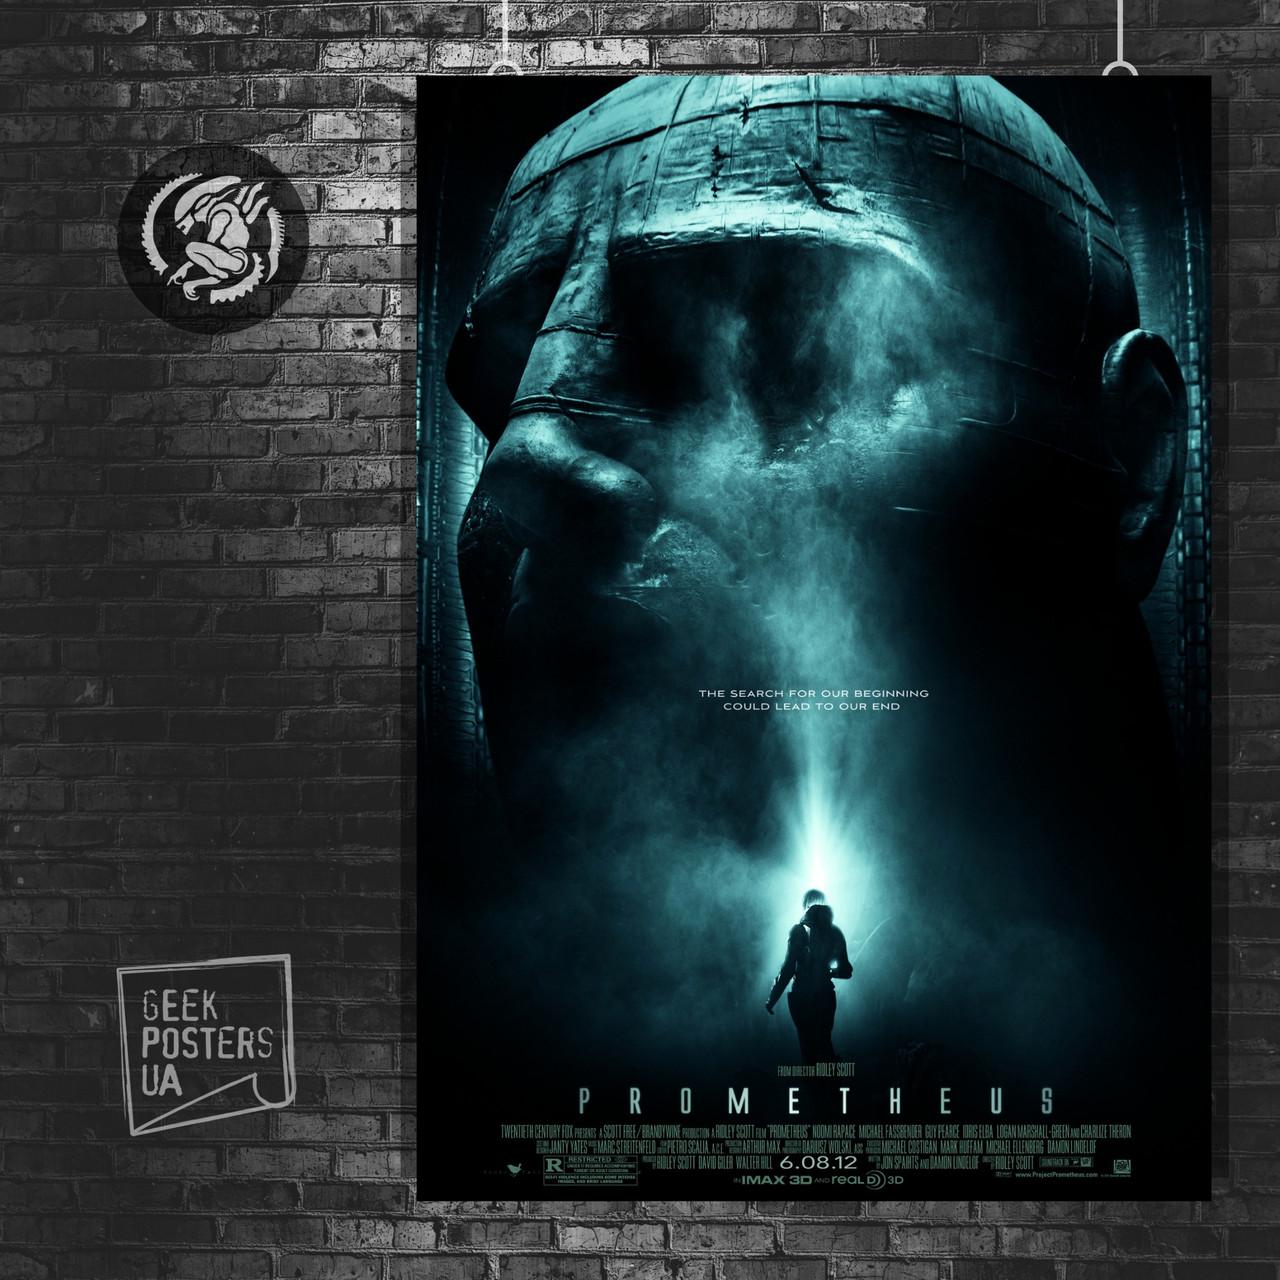 Постер Прометей / Prometeus (2012), Чужие, Aliens. Размер 60x42см (A2). Глянцевая бумага